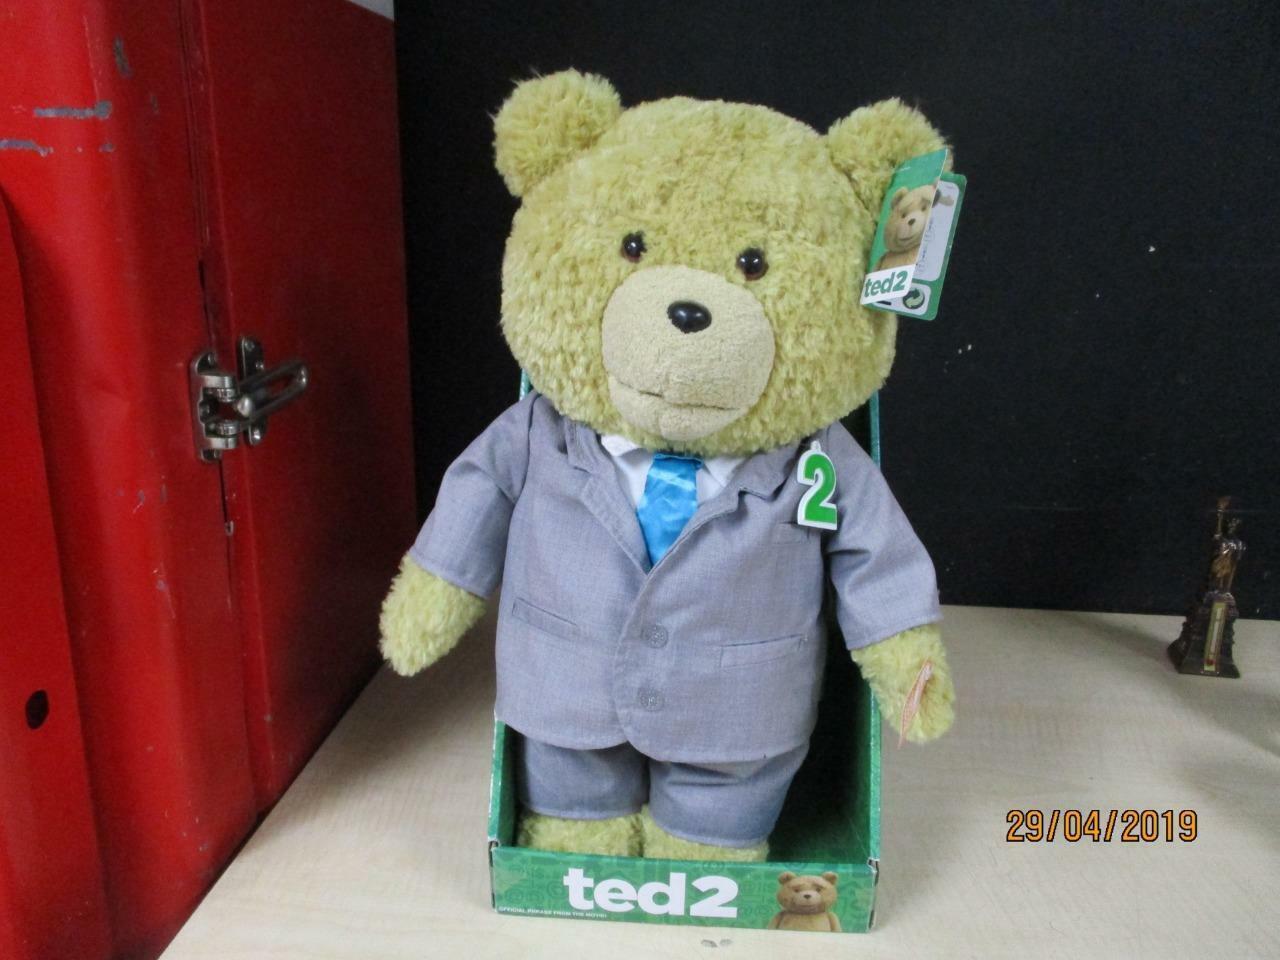 Nuevo TED 2 película 16 pulgadas hablando peluche peluche suave juguete de sonido TEDDY BEAR hablando